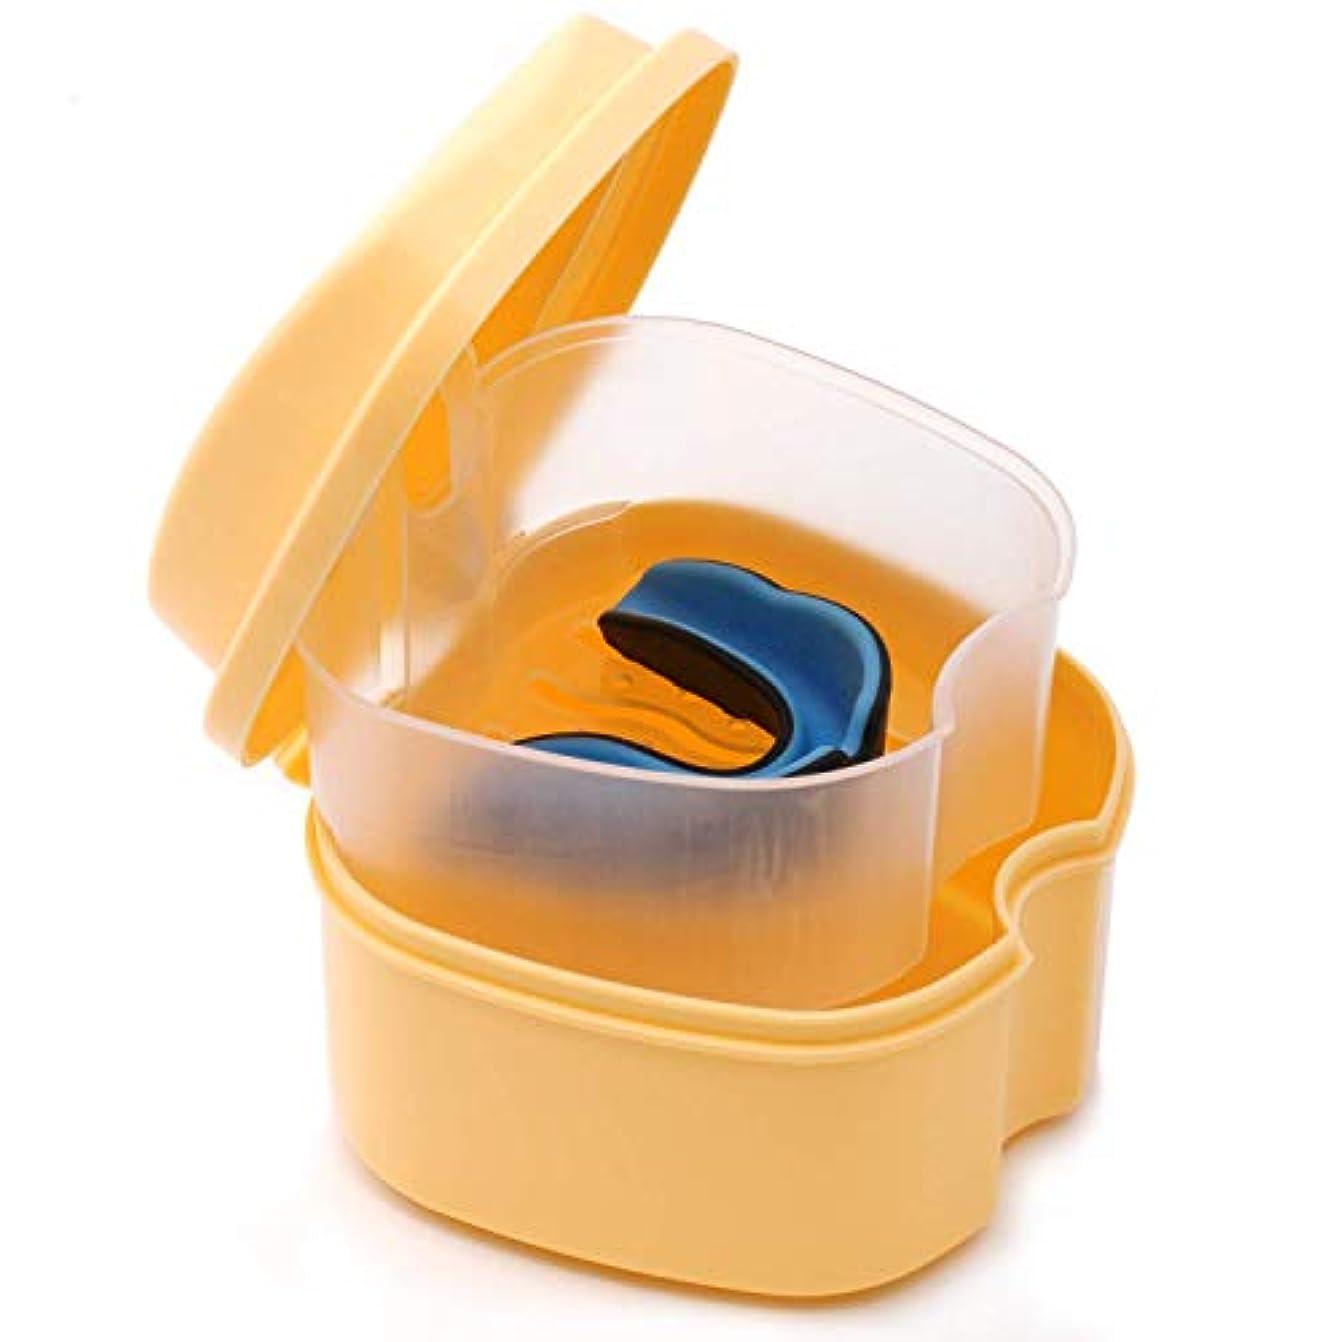 予約駐地主張するCoiTek 入れ歯ケース 義歯ケース 携帯 家庭旅行用 ストレーナー付き オレンジ